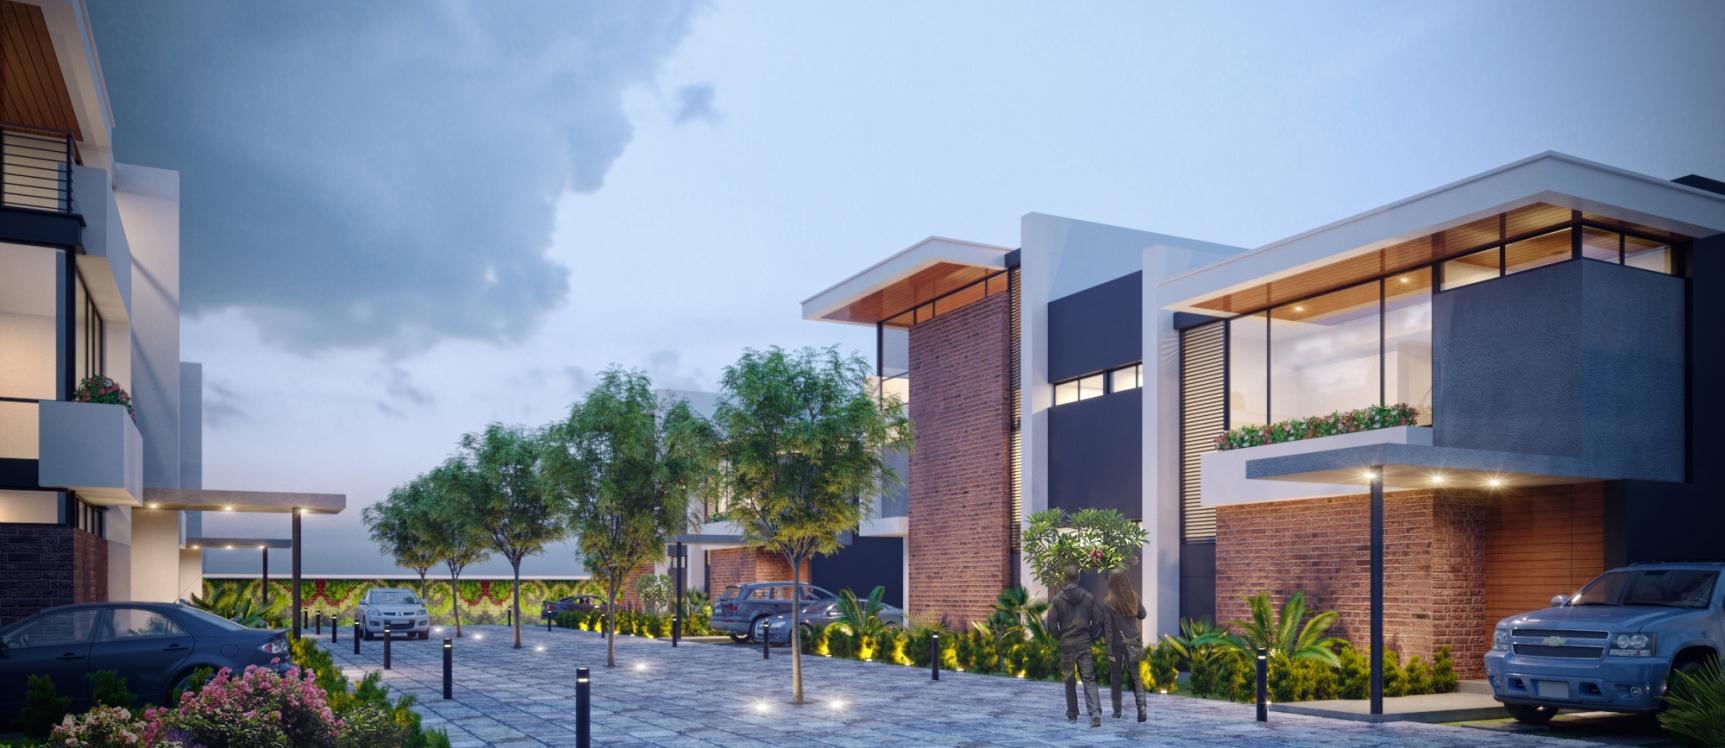 GeoBienes - San Esteban Townhouse 1  - Plusvalia Guayaquil Casas de venta y alquiler Inmobiliaria Ecuador